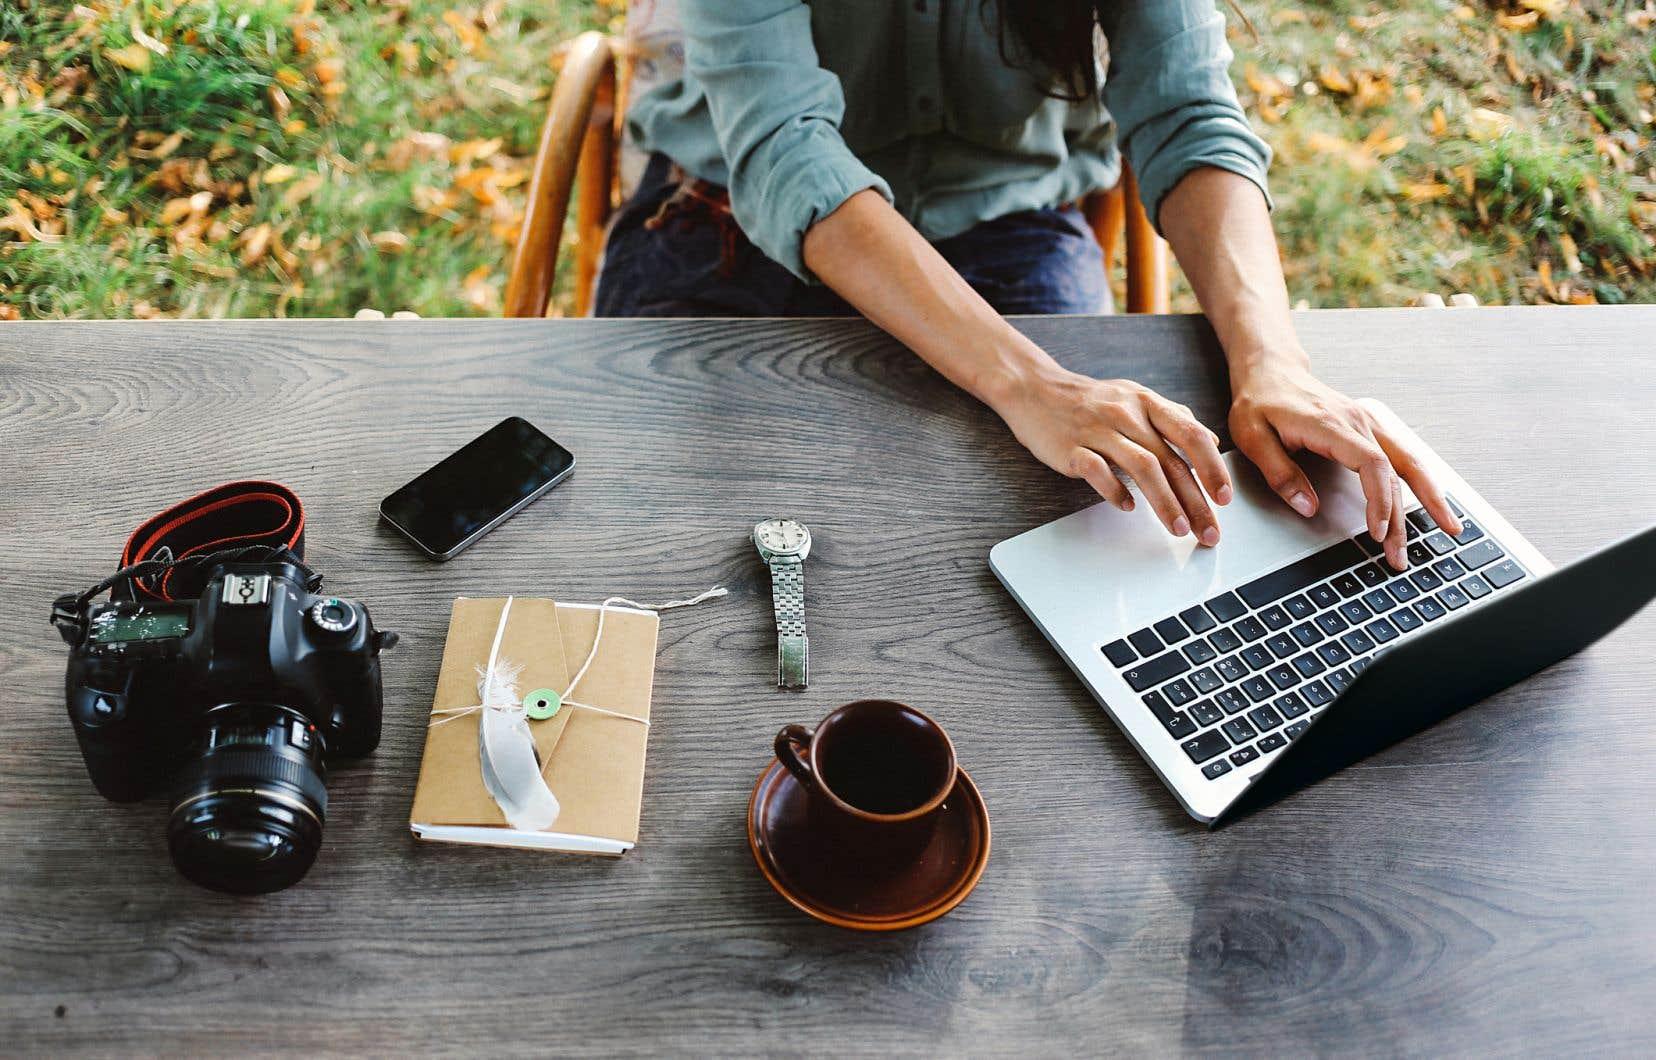 Cette nouvelle façon d'envisager le travail est le propre de travailleurs curieux, autonomes et plus dynamisés par la découverte que par la continuité.